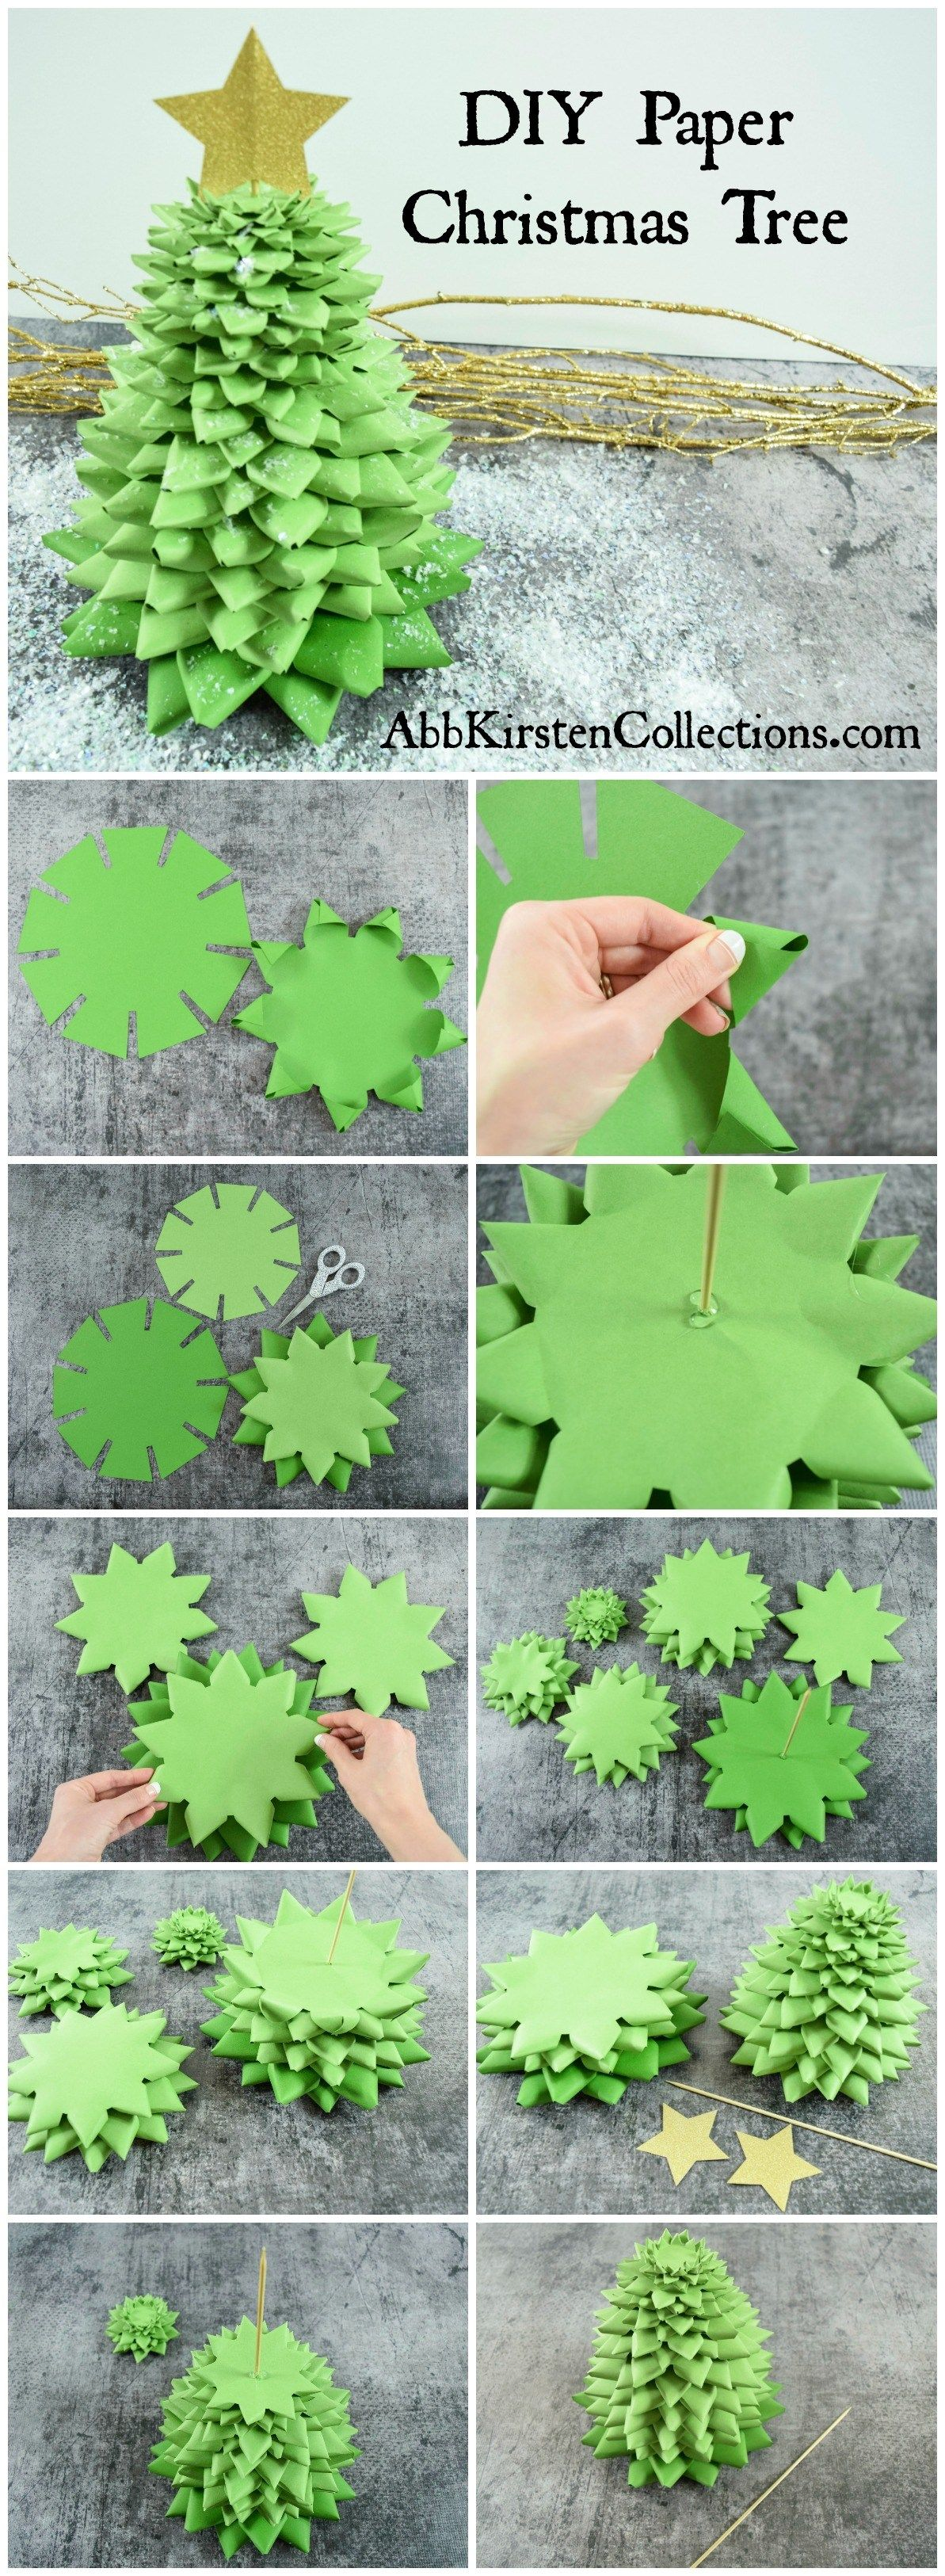 Fun Craft Ideas from mommyblogexpert.com 1